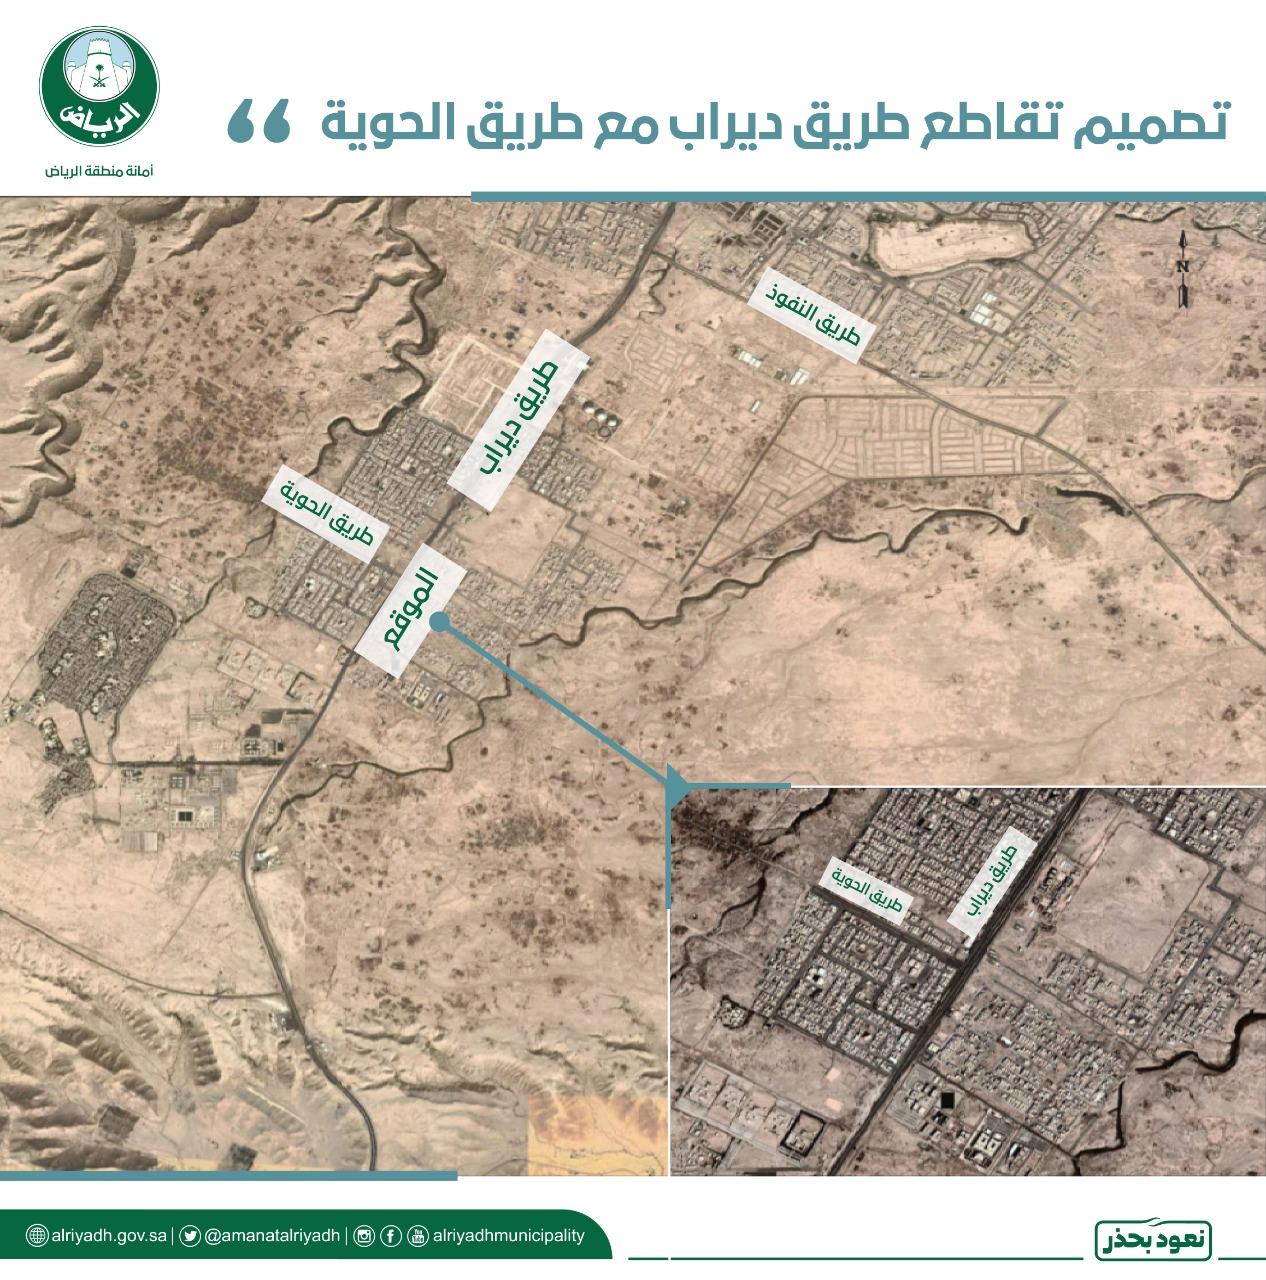 أمانة الرياض تقد تصميم لثلاث تقاطعات جديدة في أحياء جنوب العاصمة السيارات الموقع العربي الأول للسيارات